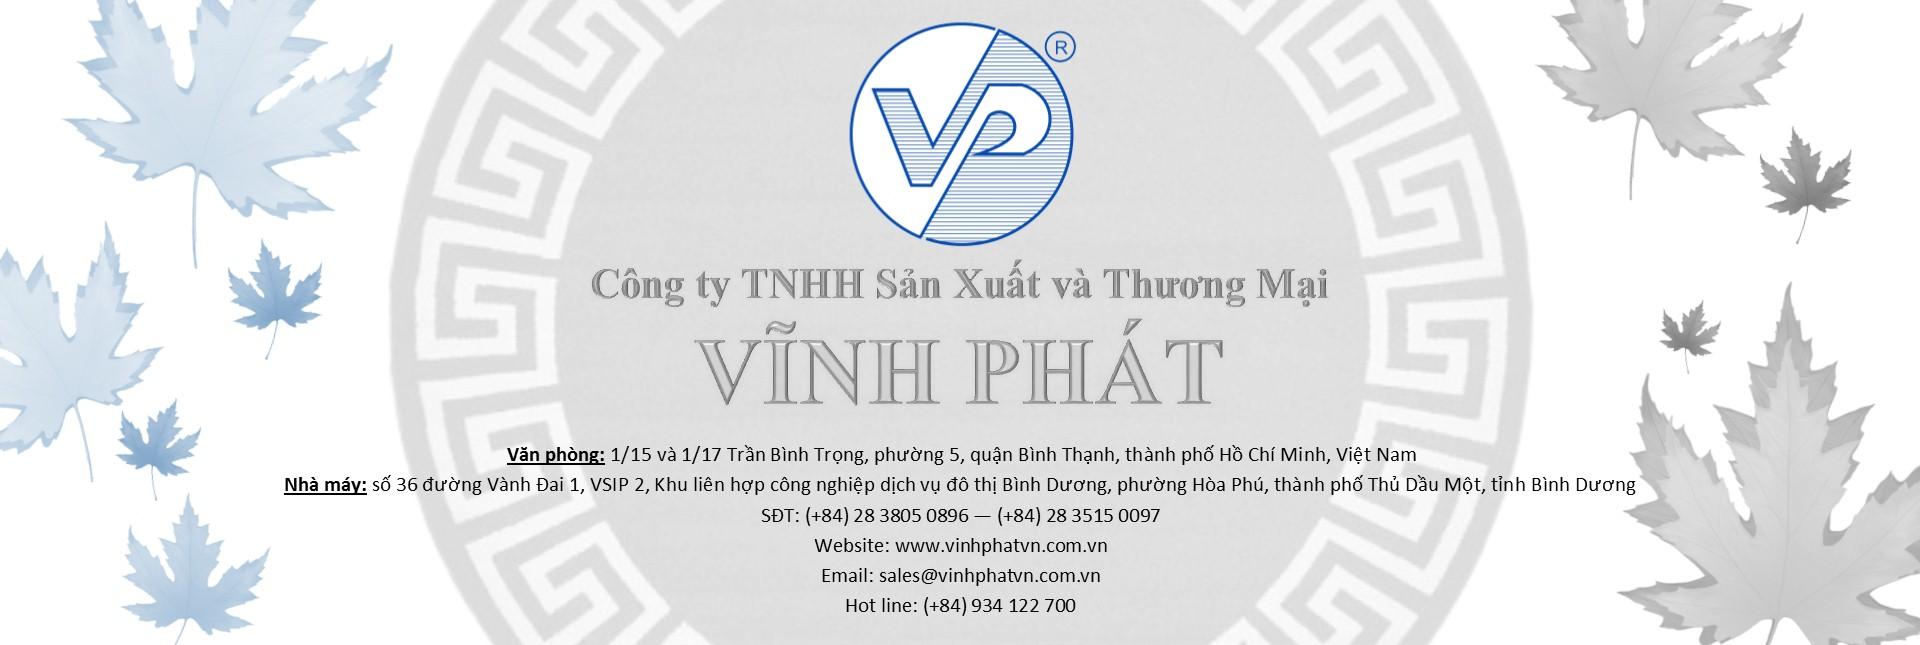 VP Viet